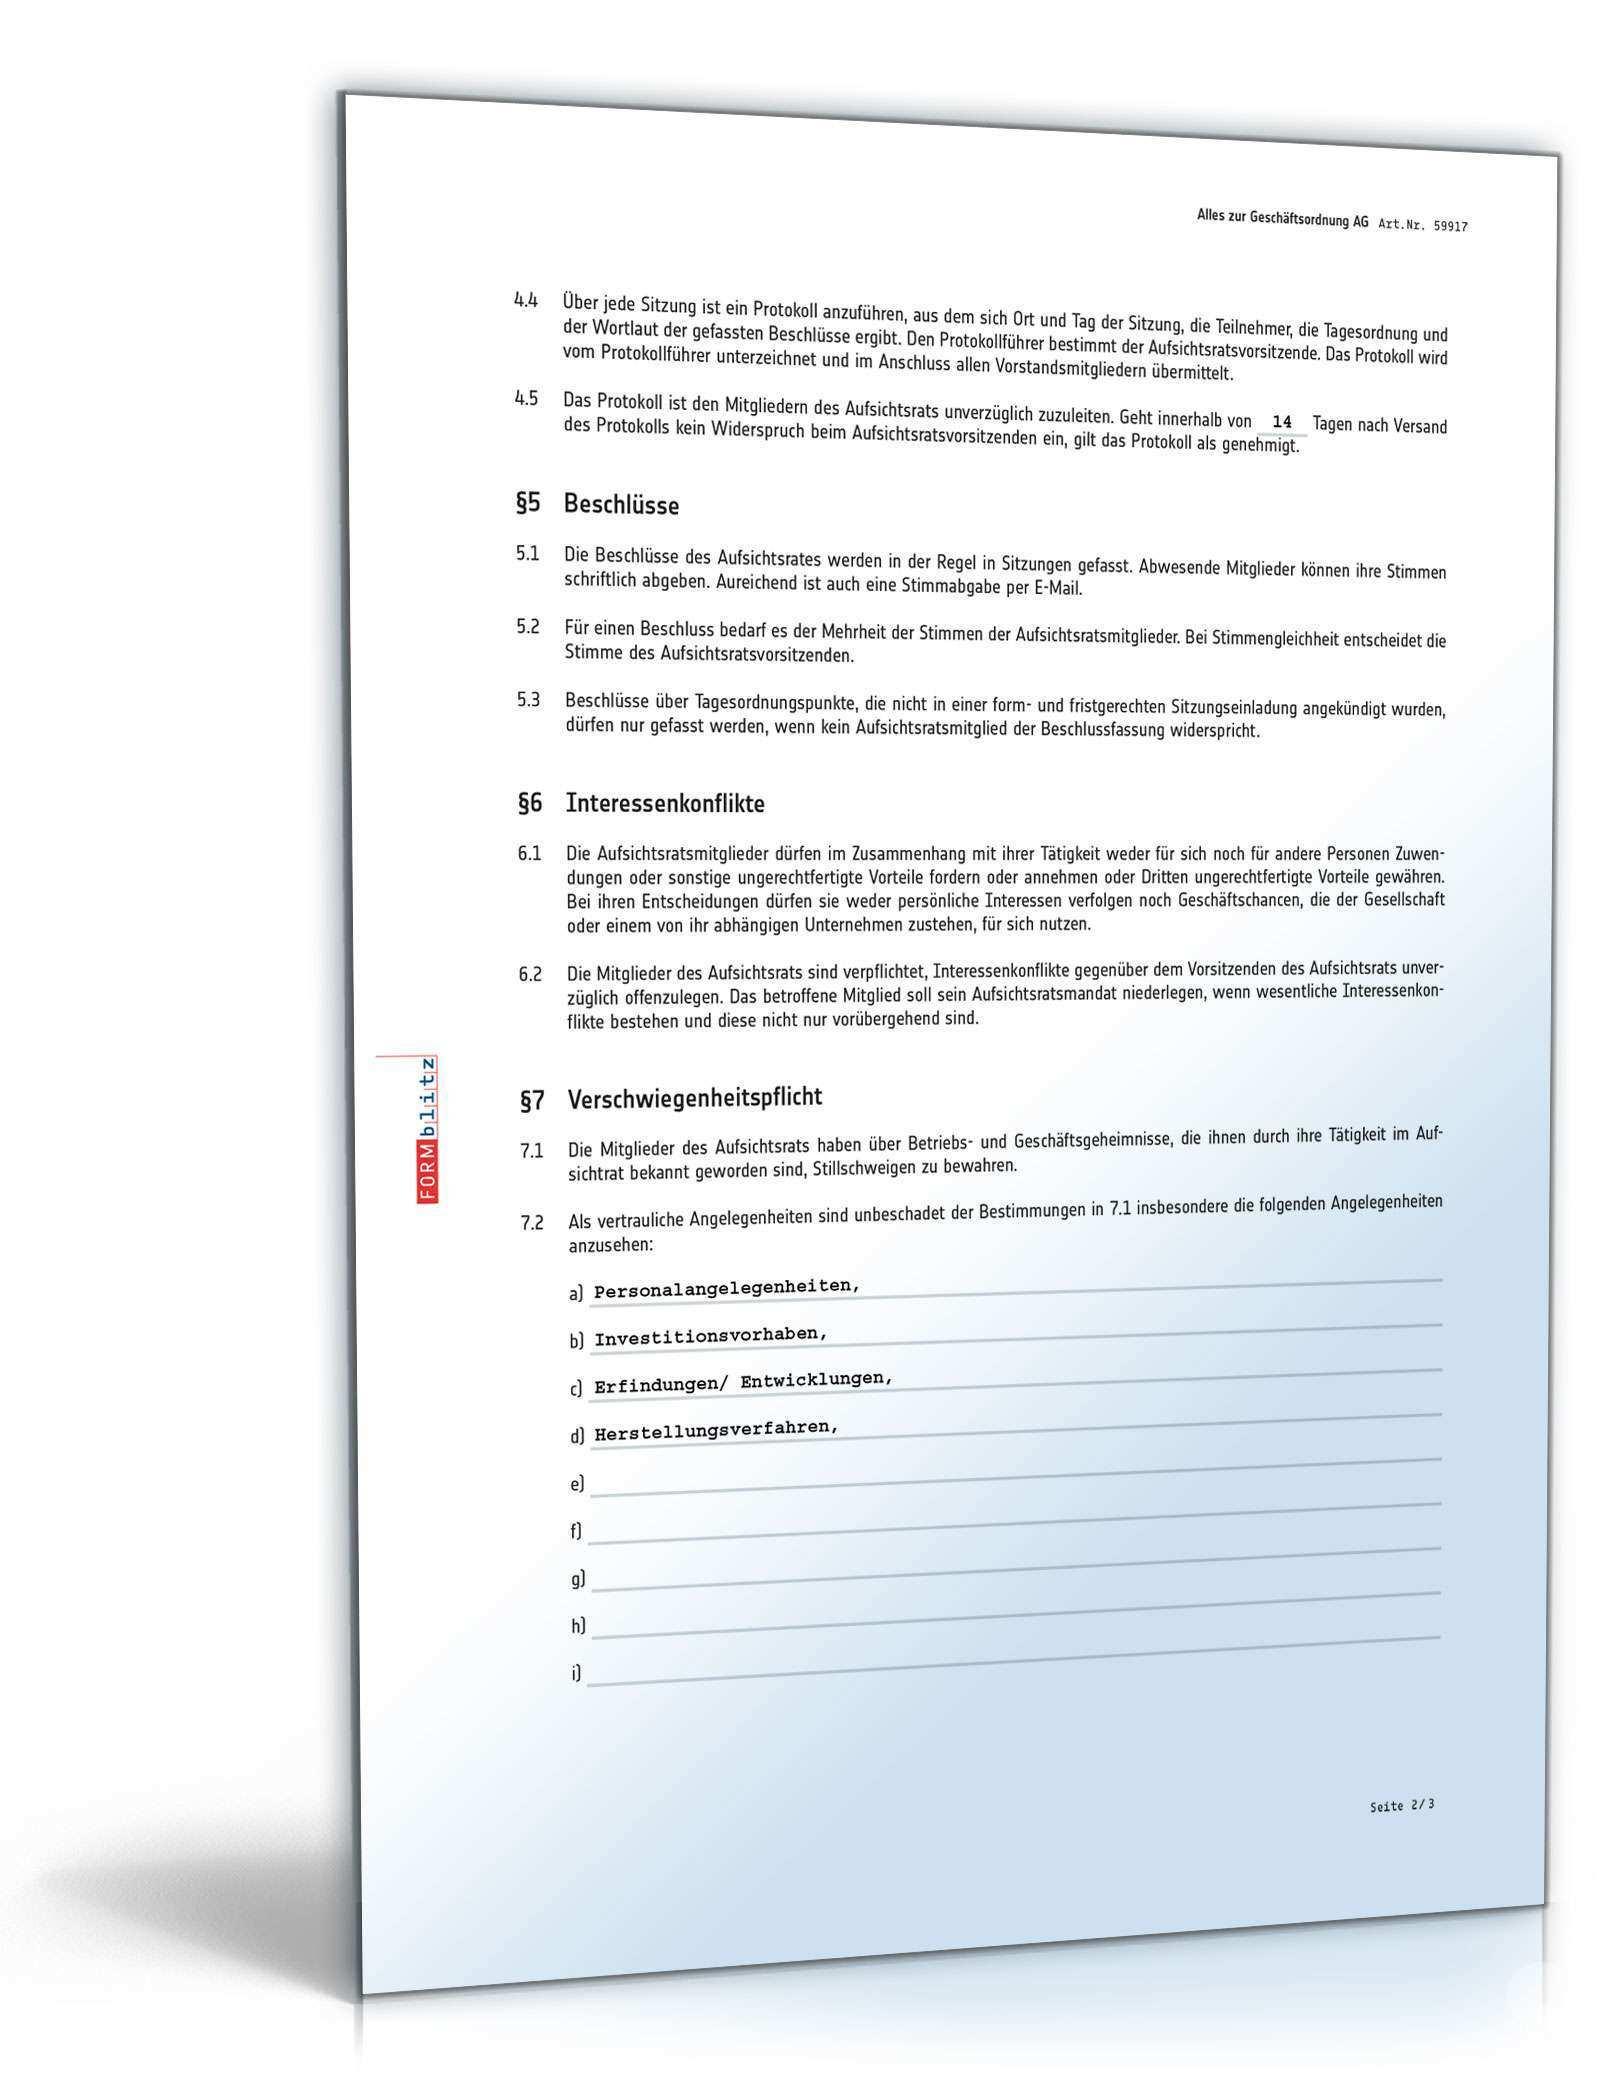 Geschaftsordnung Aufsichtsrat Ag Vorlage Zum Download